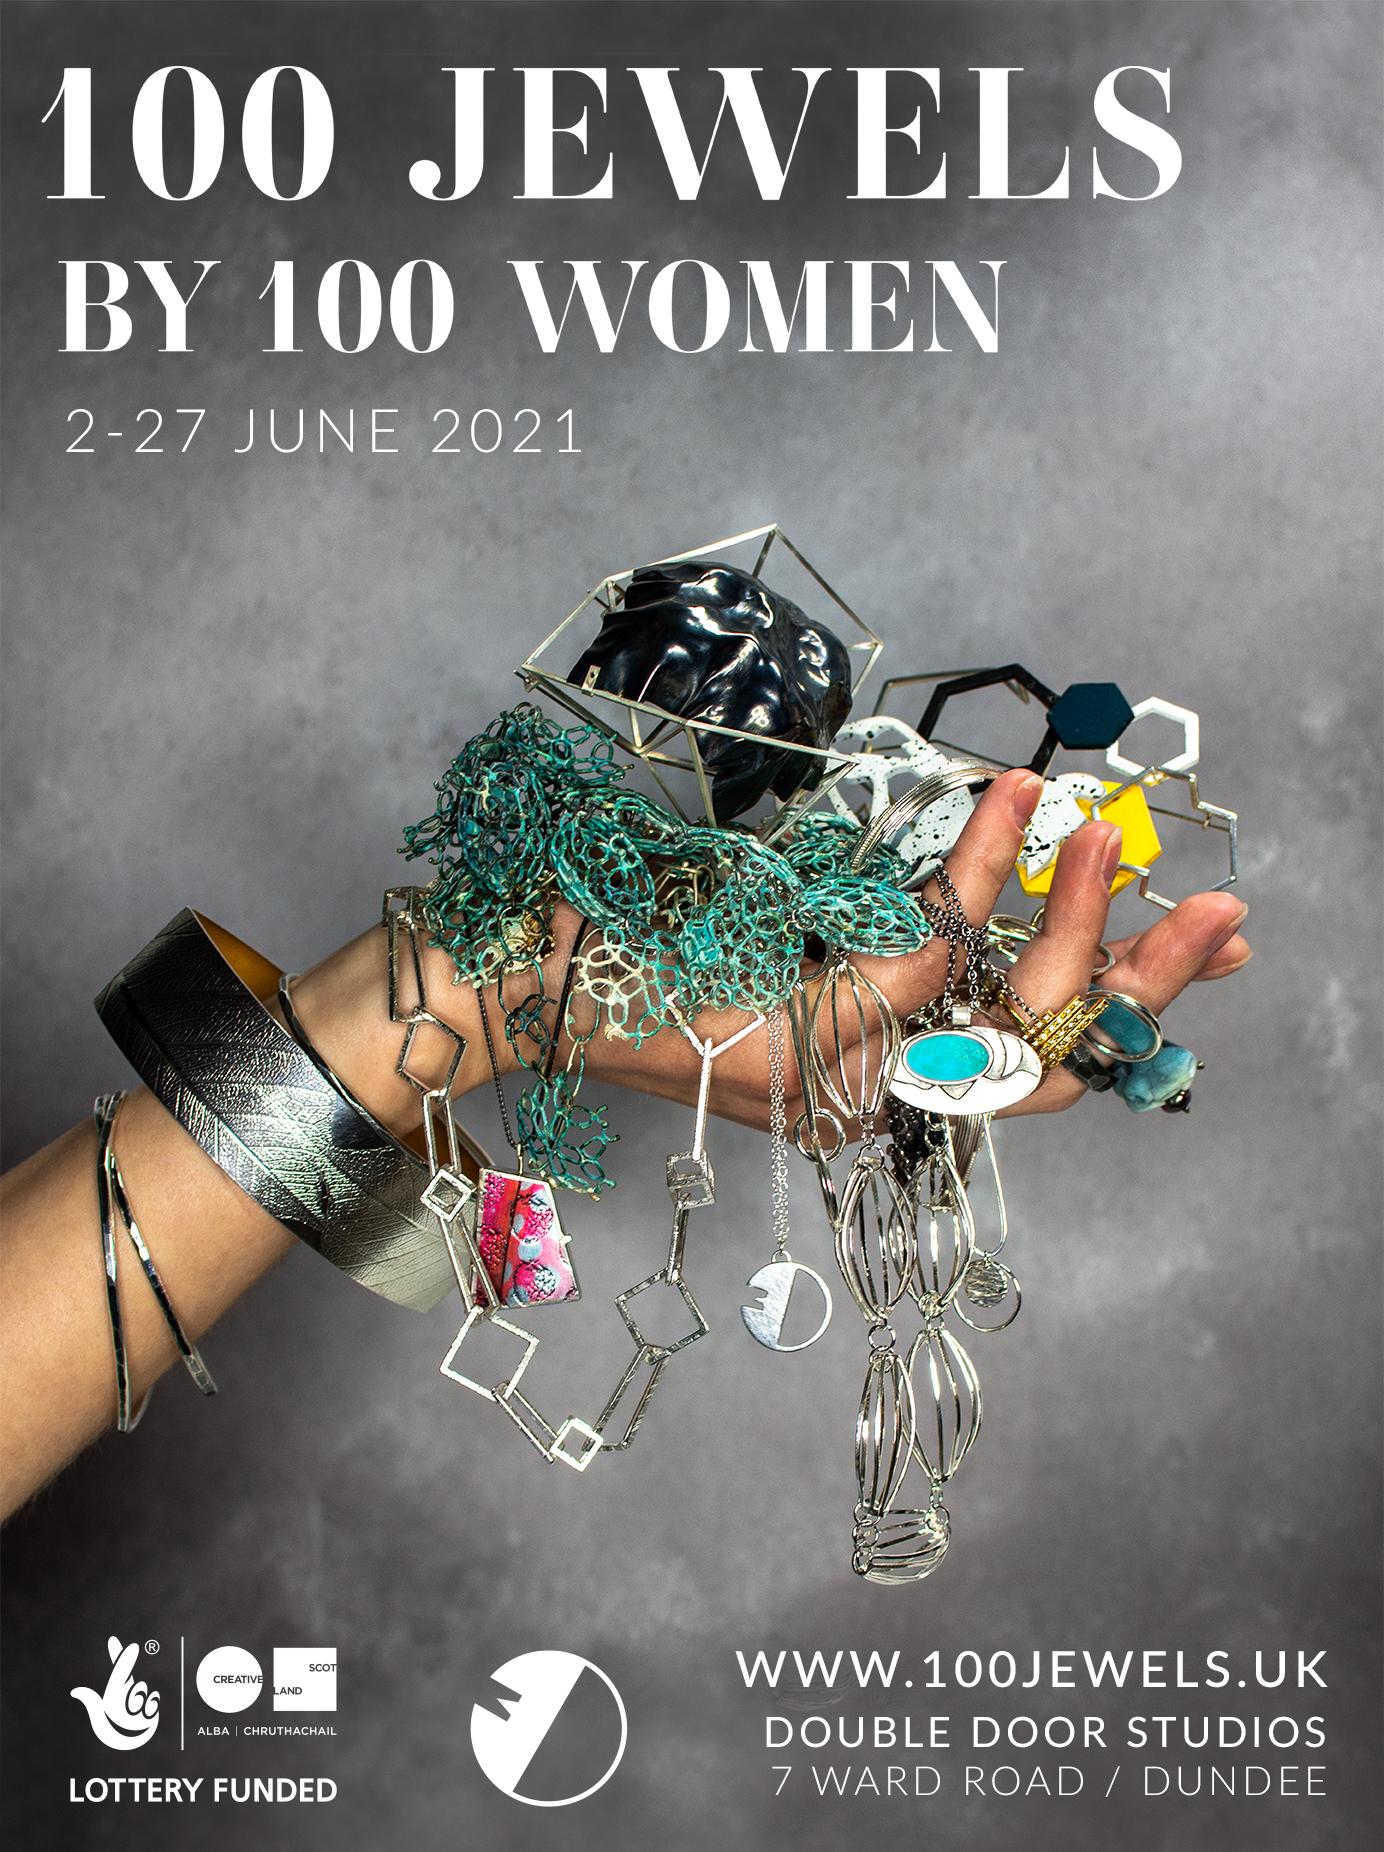 100 Jewels by 100 Women